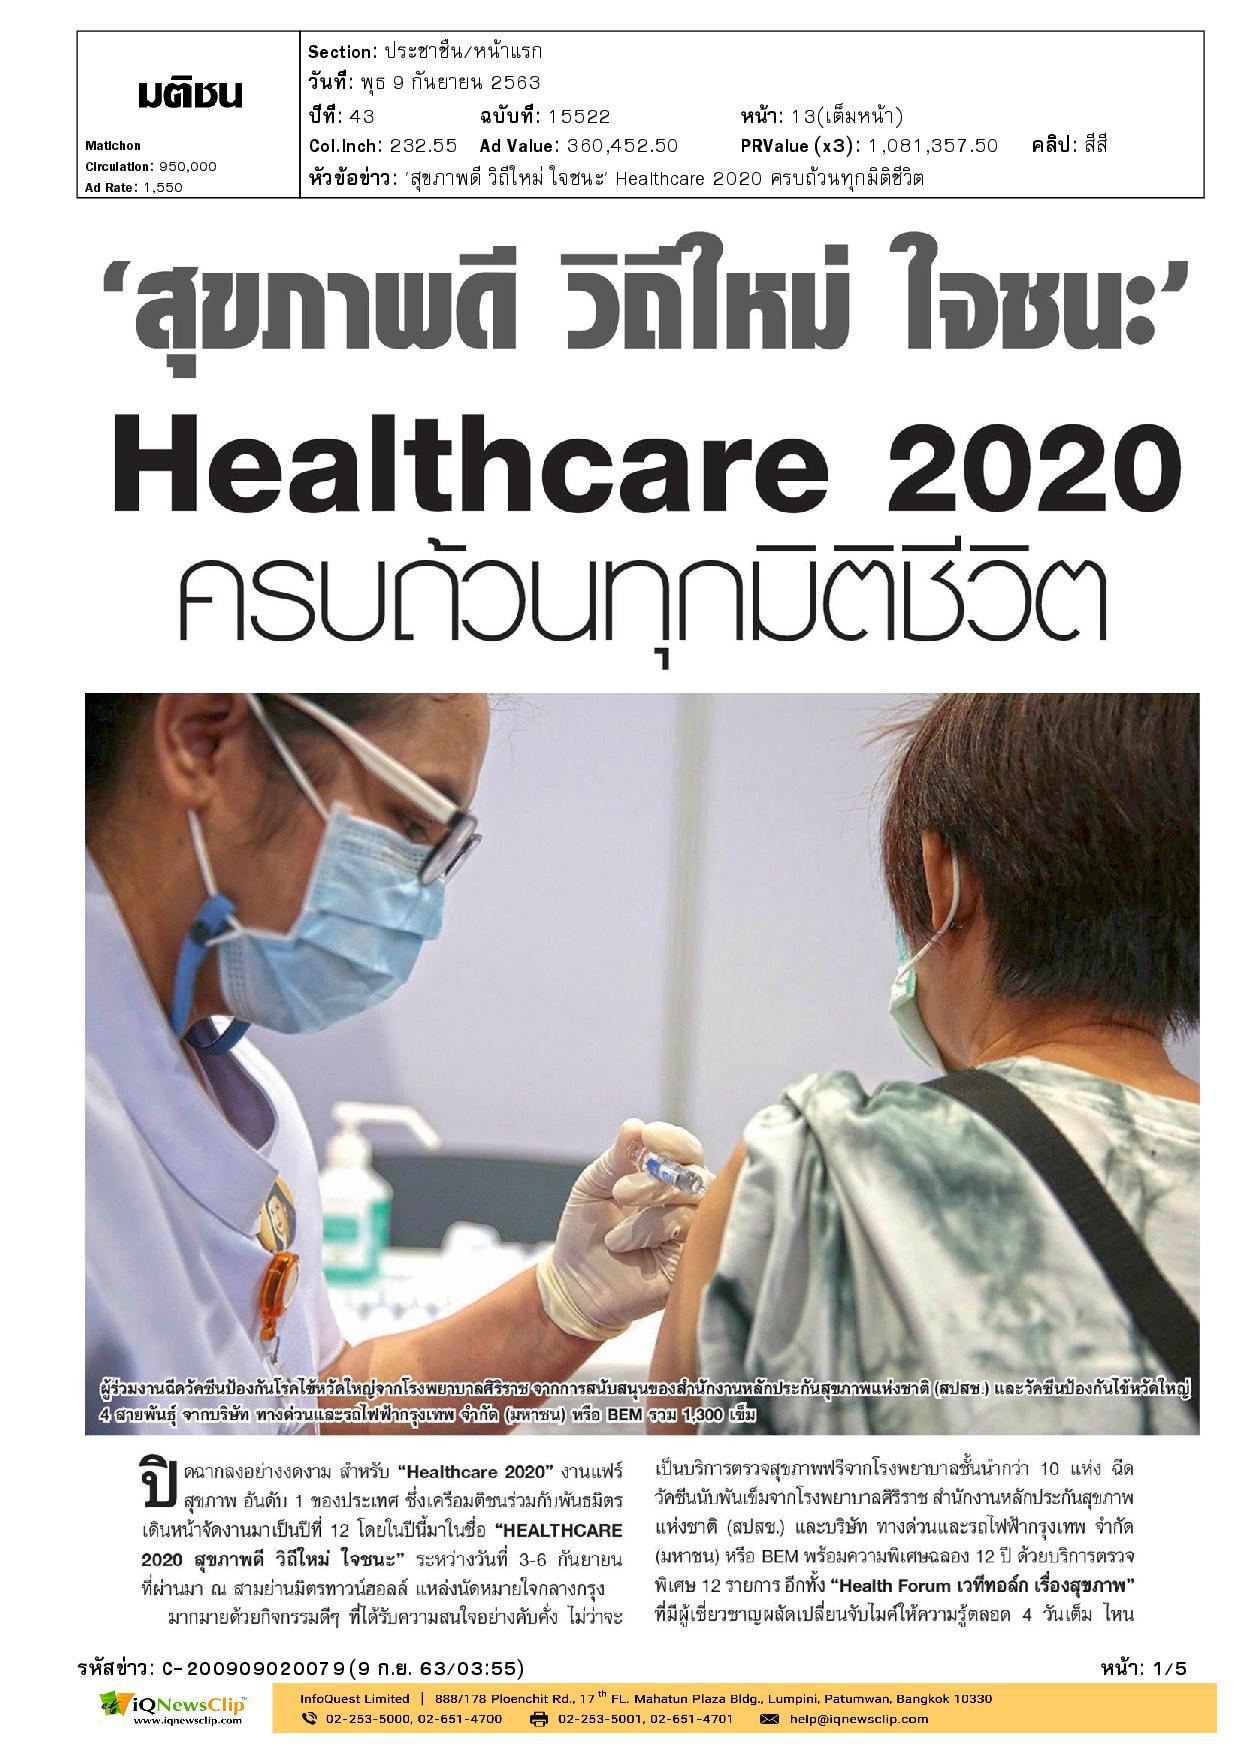 เฮลท์แคร์ 2020 : สุขภาพดีวิถีใหม่ ใจชนะ